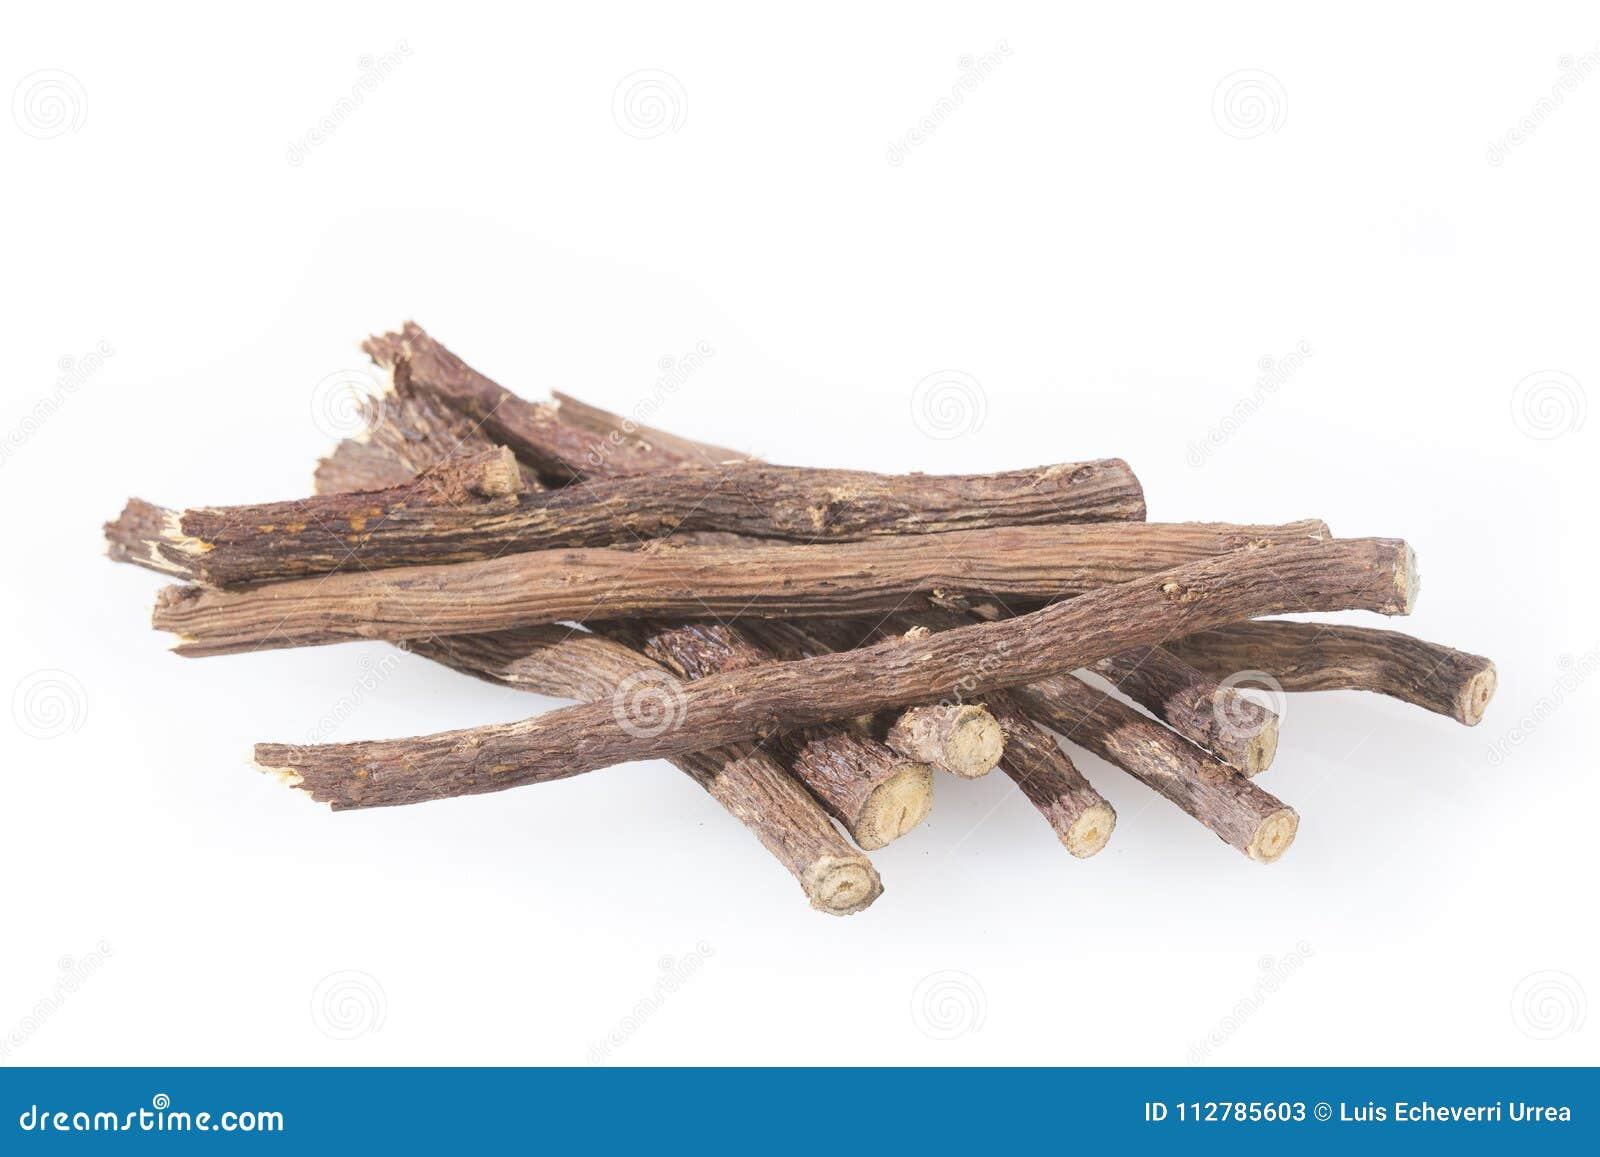 Lukrecjowy korzeń - Glycyrrhiza glabra